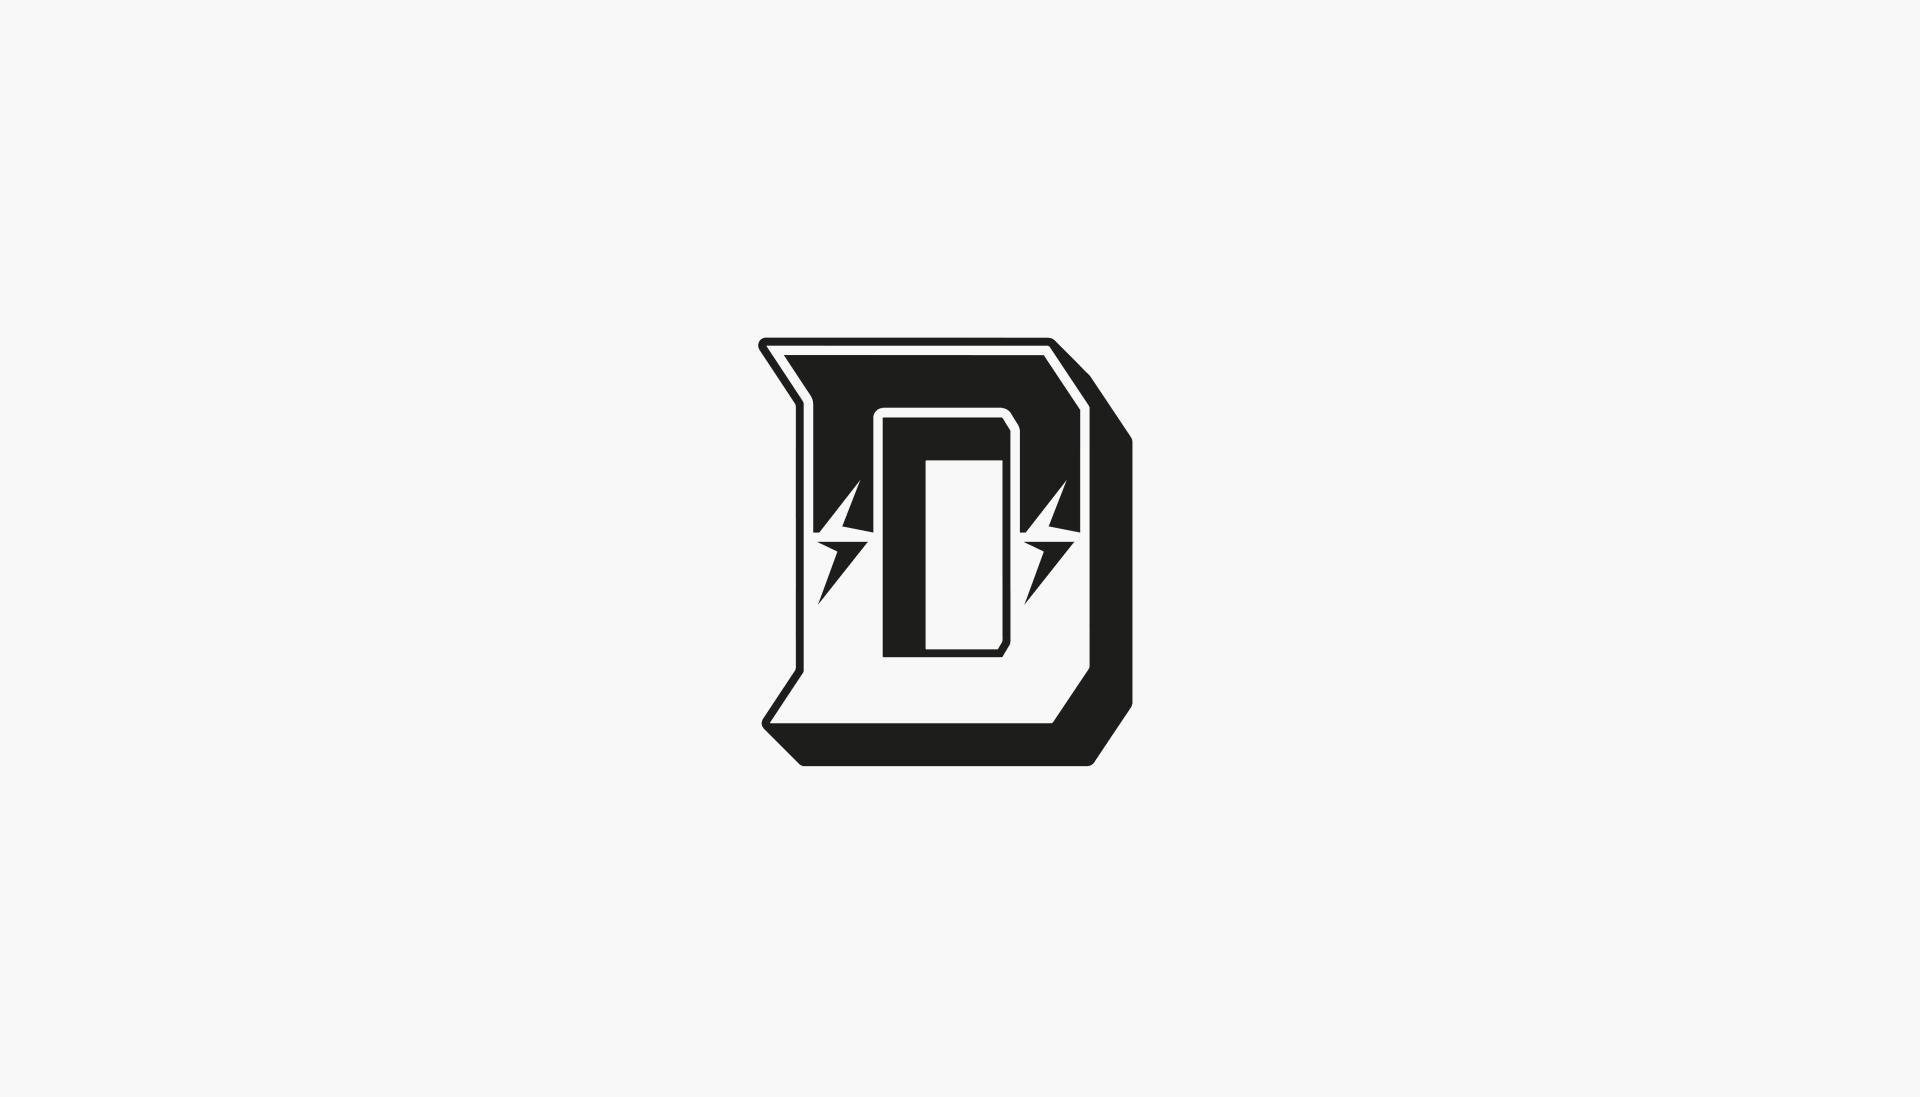 d-letter-monogram-logo-design-lettering-abbreviation-custom-design-branding-lightning-typography-type.jpg